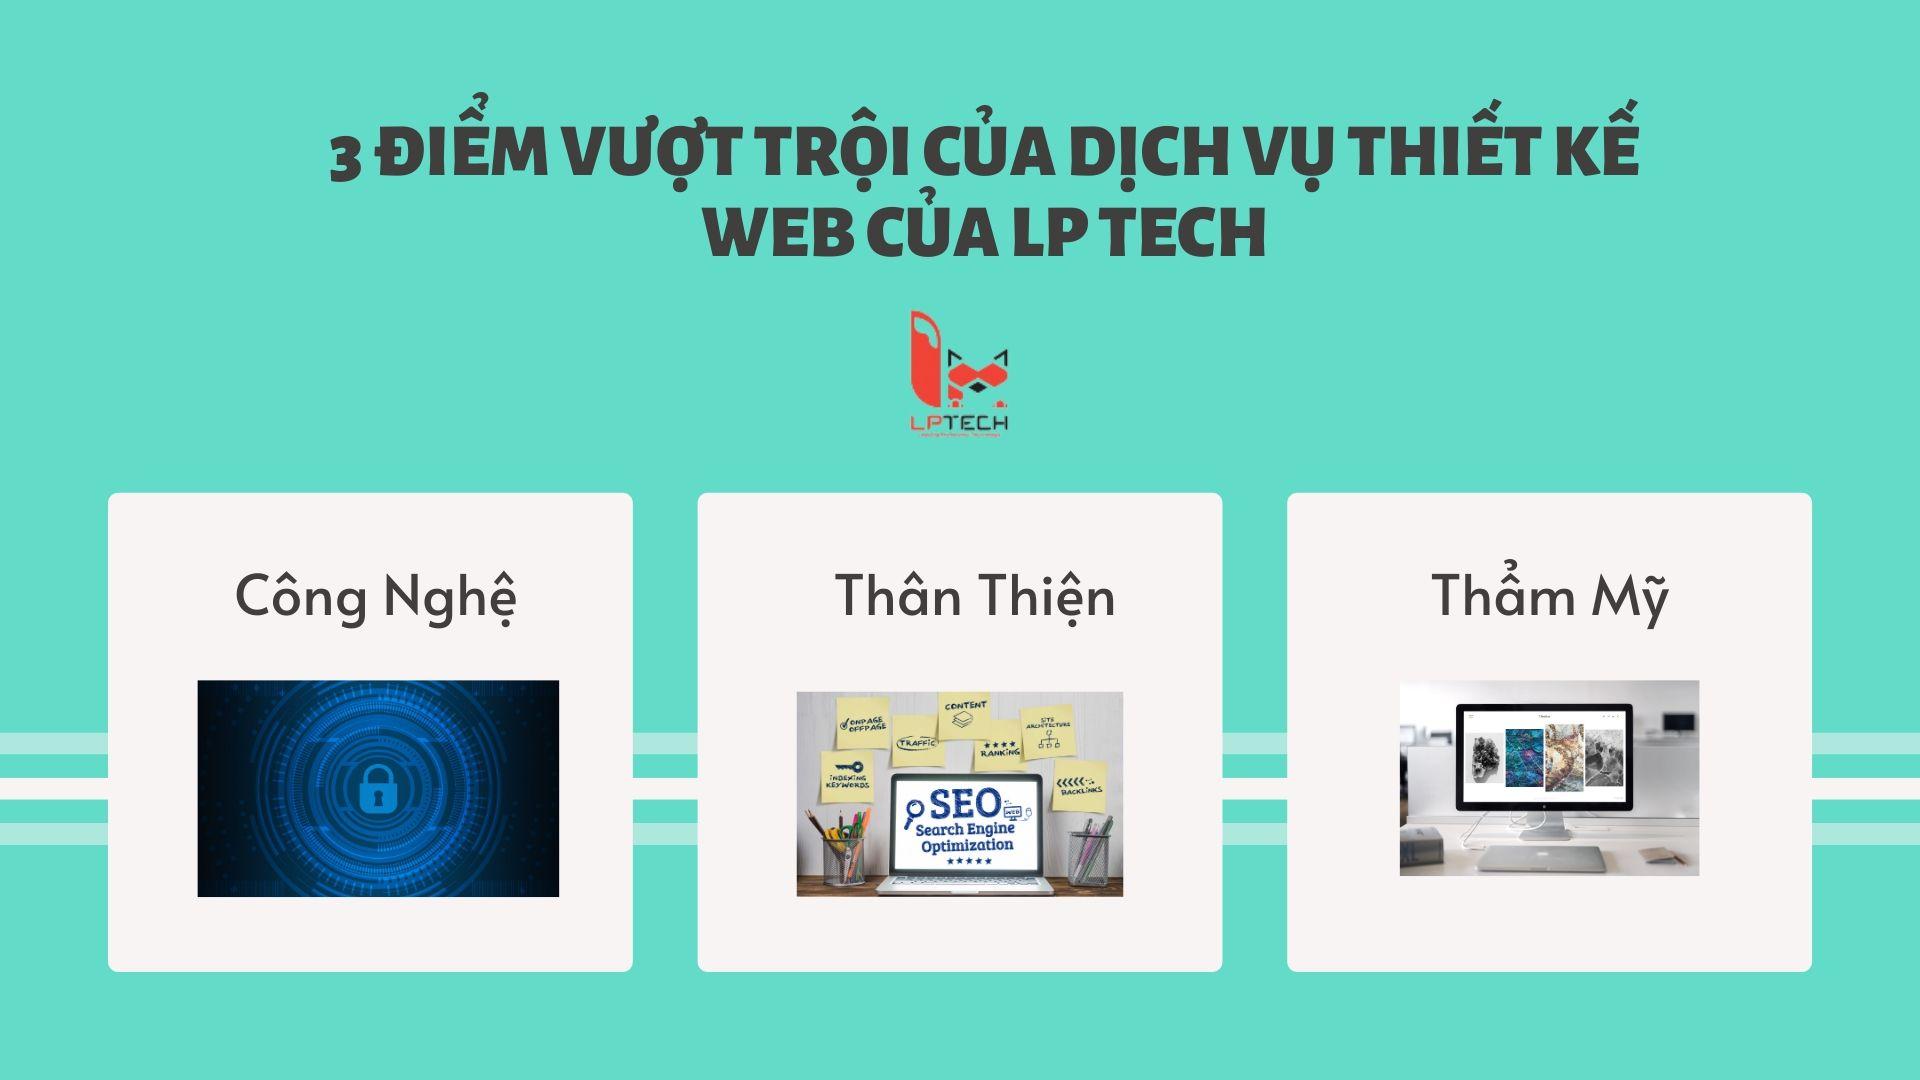 3 điểm vượt trội của dịch vụ thiết kế website của LP Tech